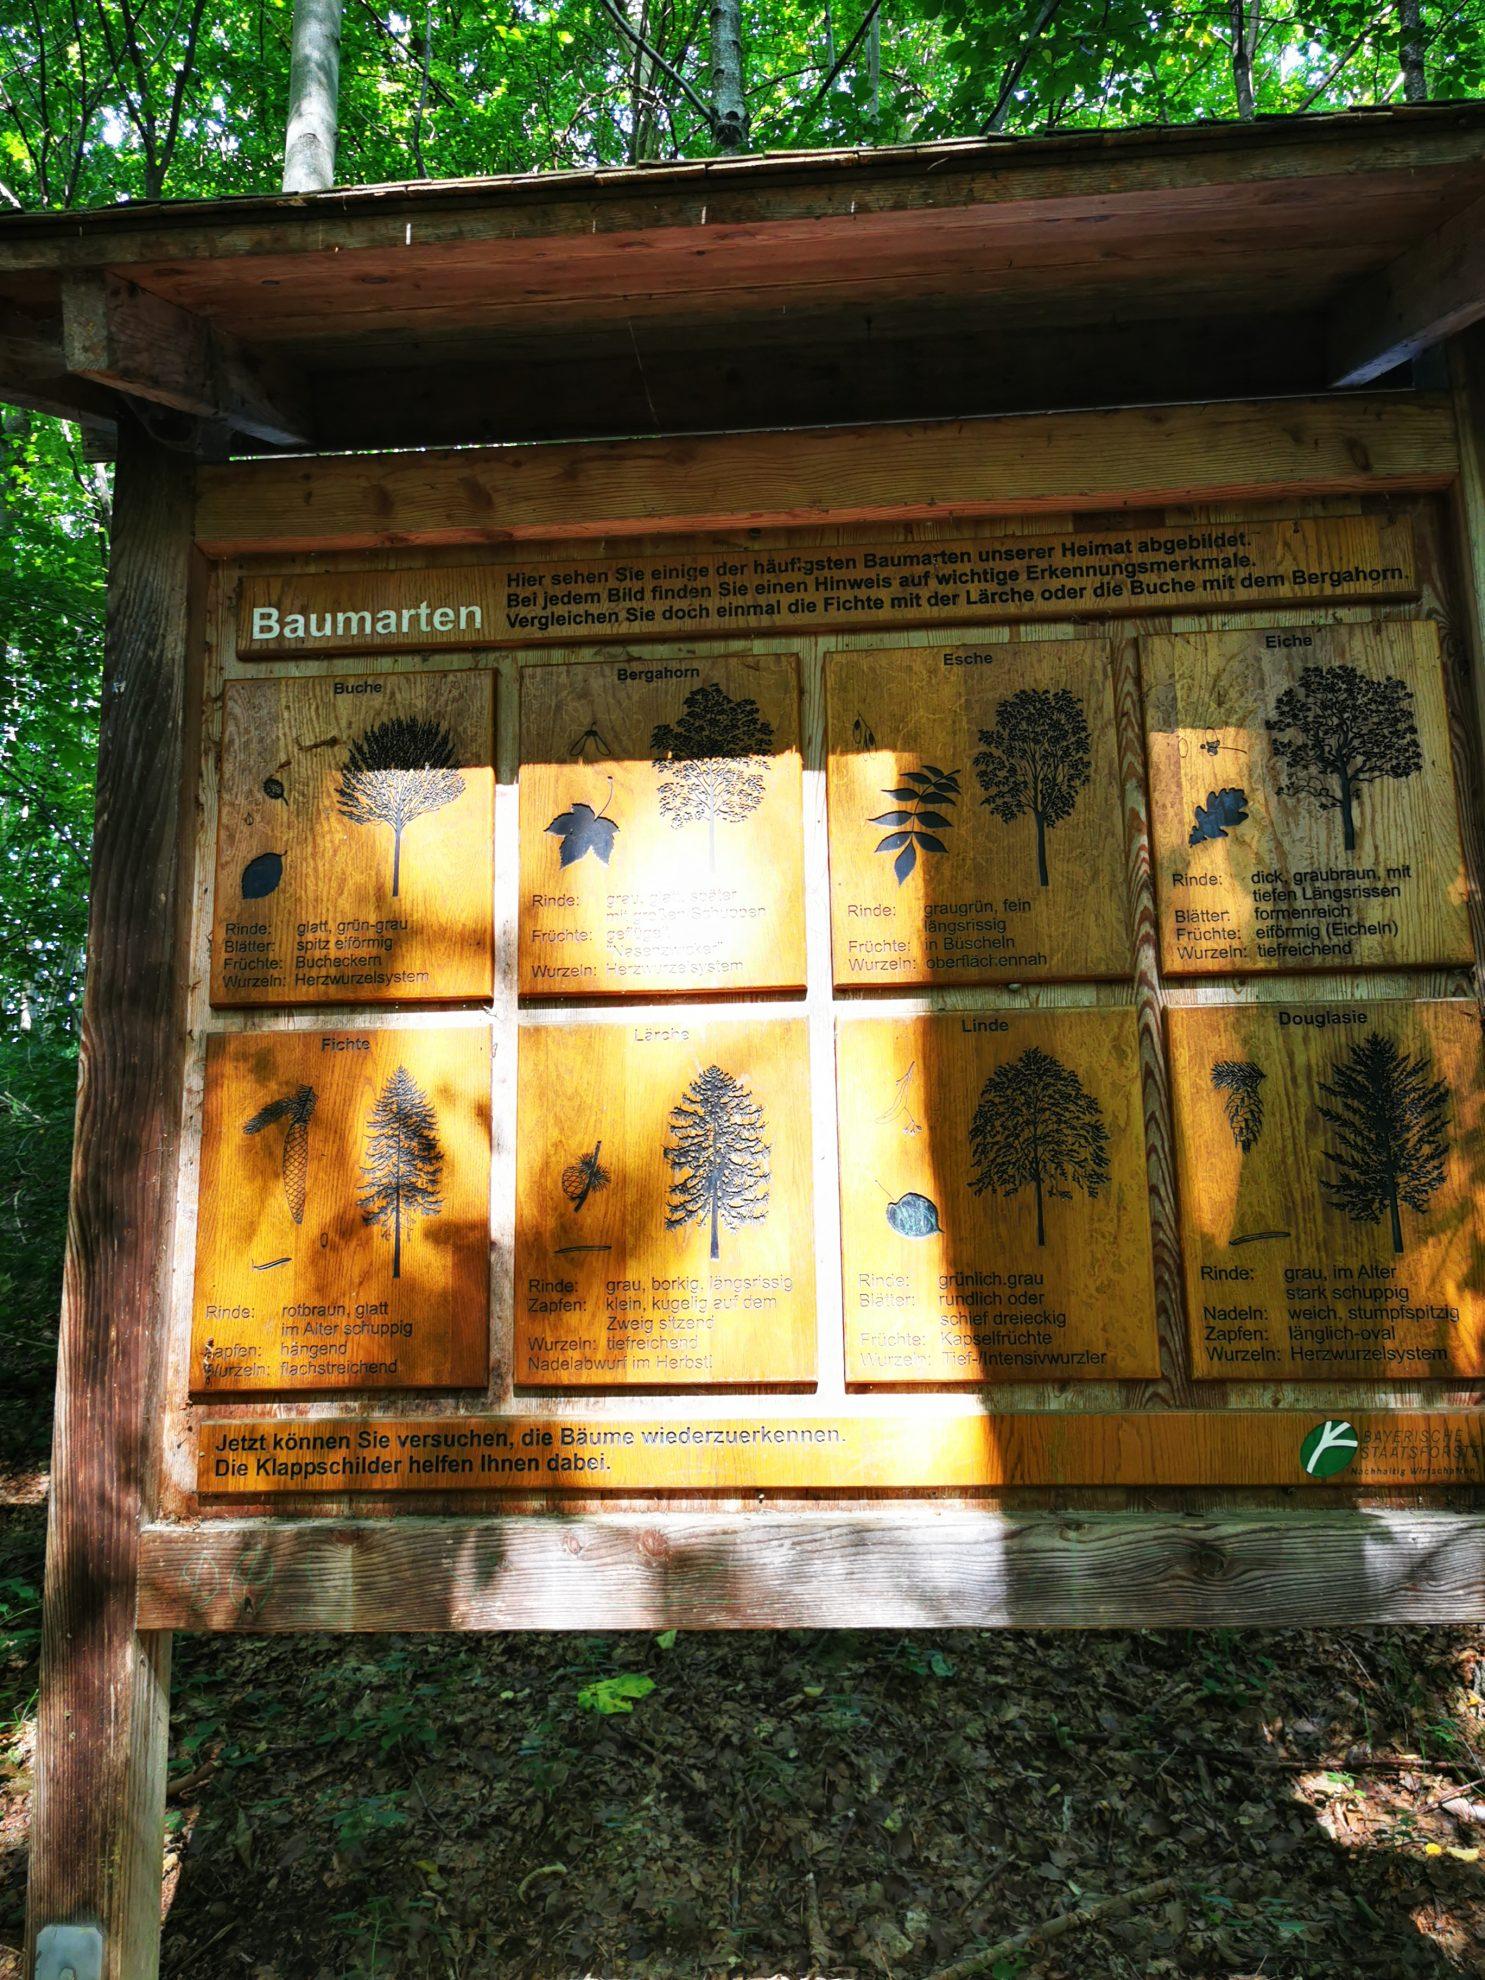 Beim Haldenburg-Wald-Weg in Schwabegg geht es auch um die verschiedenen Baumarten, die dort wachsen.